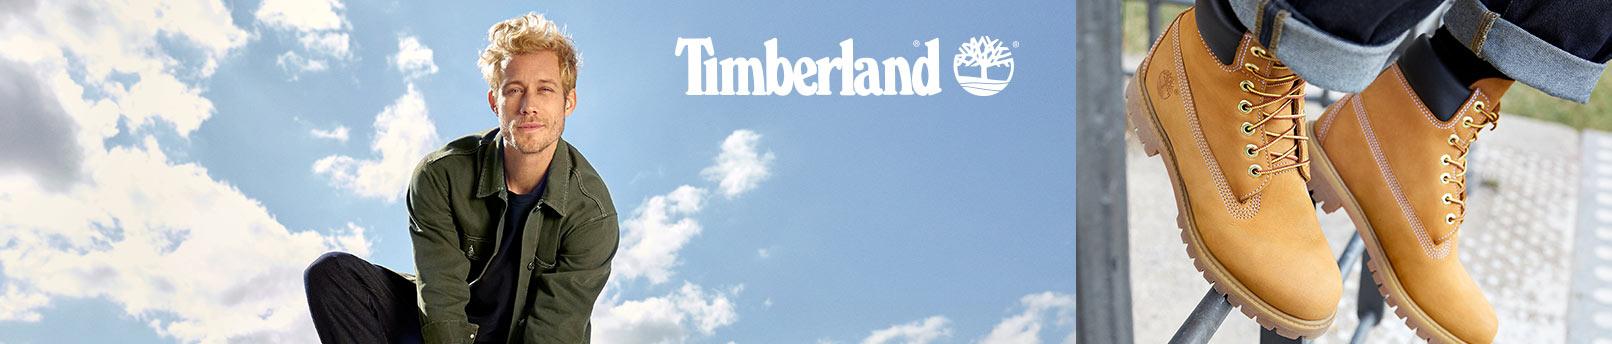 Timberland shoppen